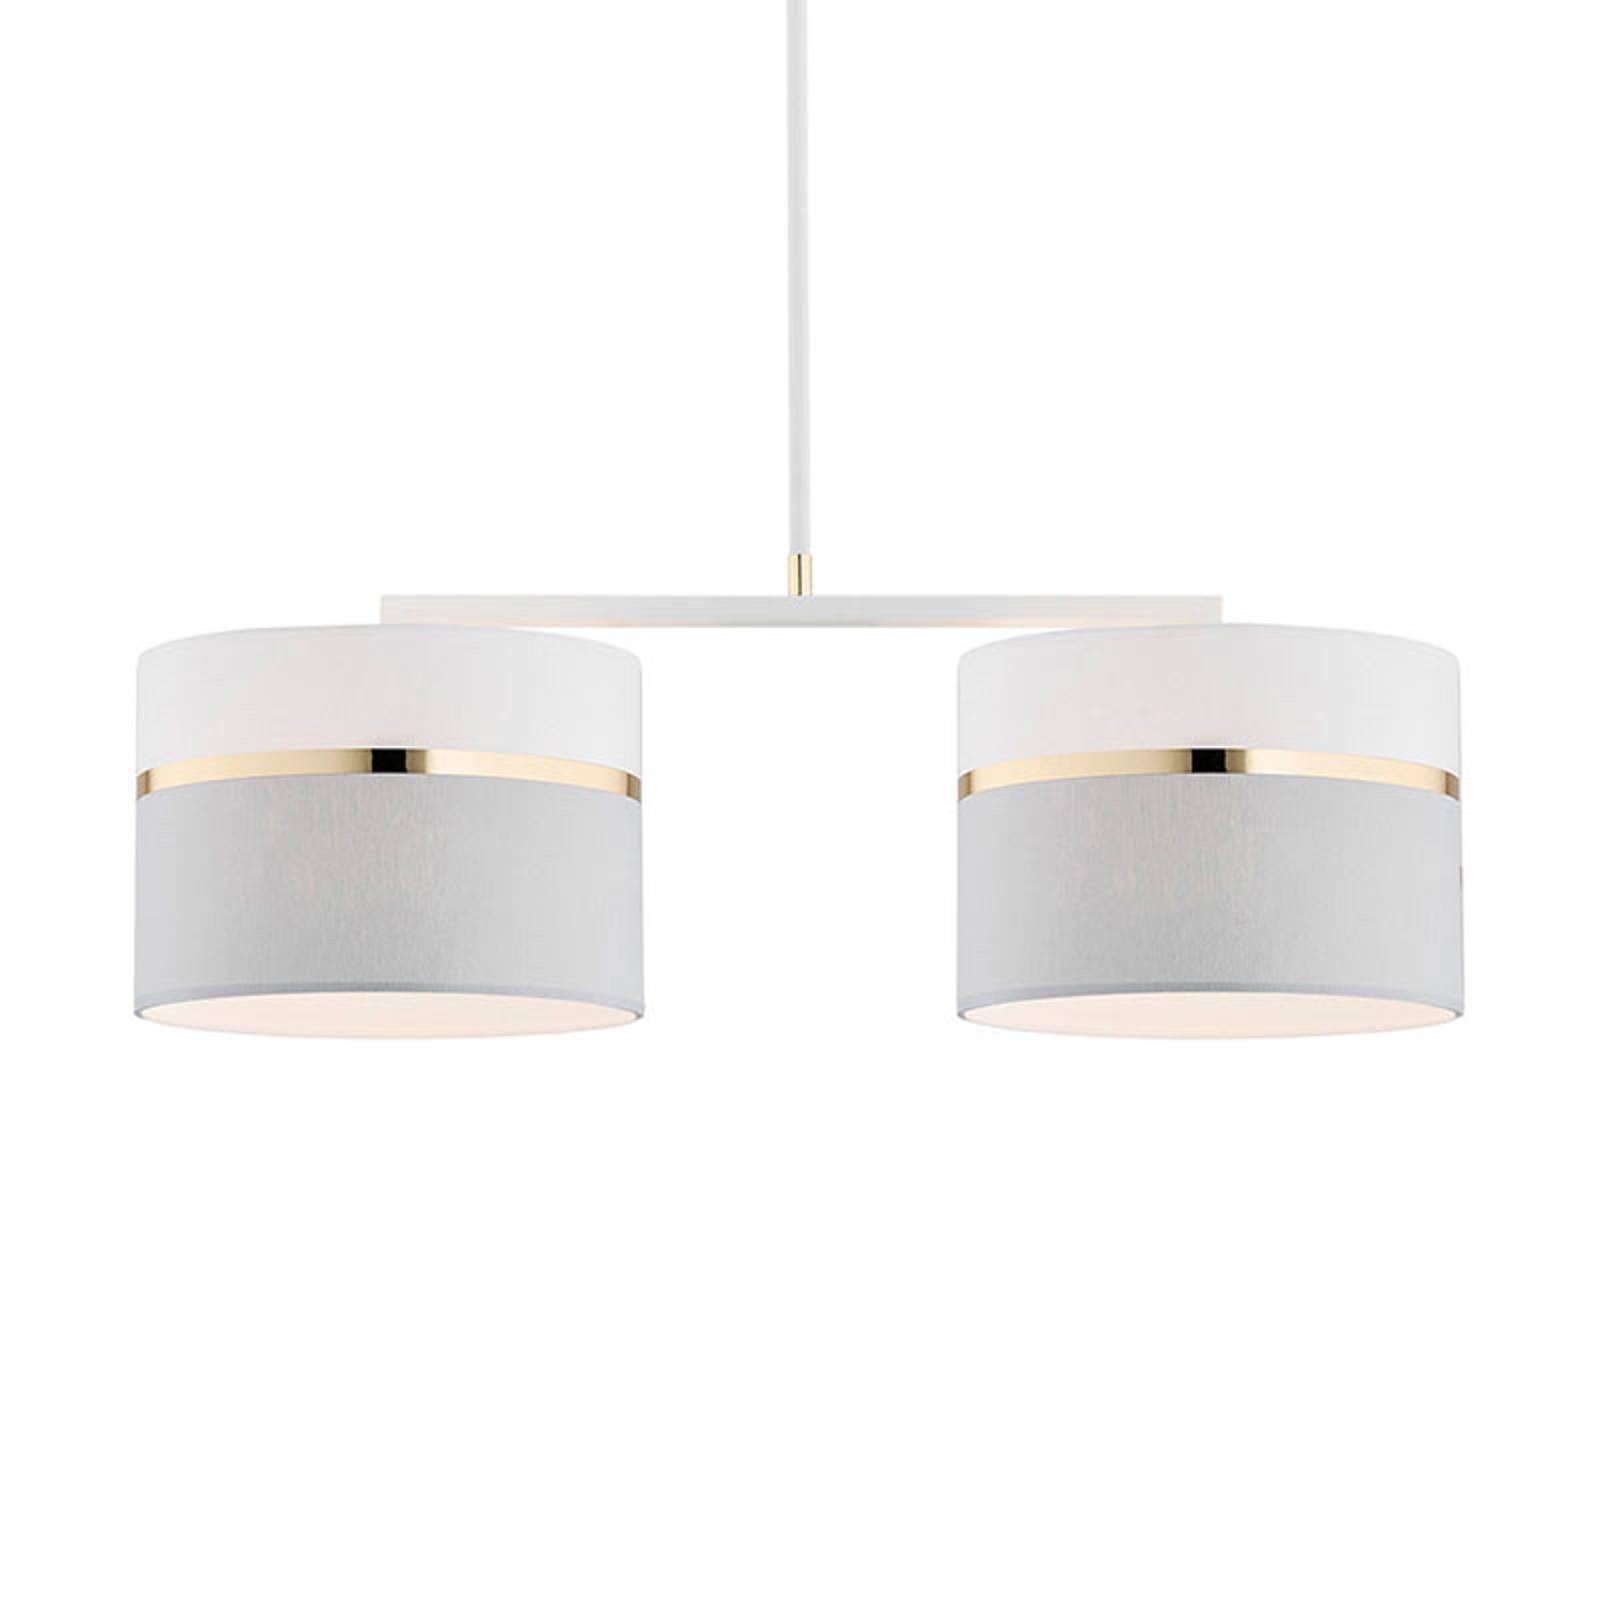 Suspension tissu Long 2 lampes blanc/gris/laiton